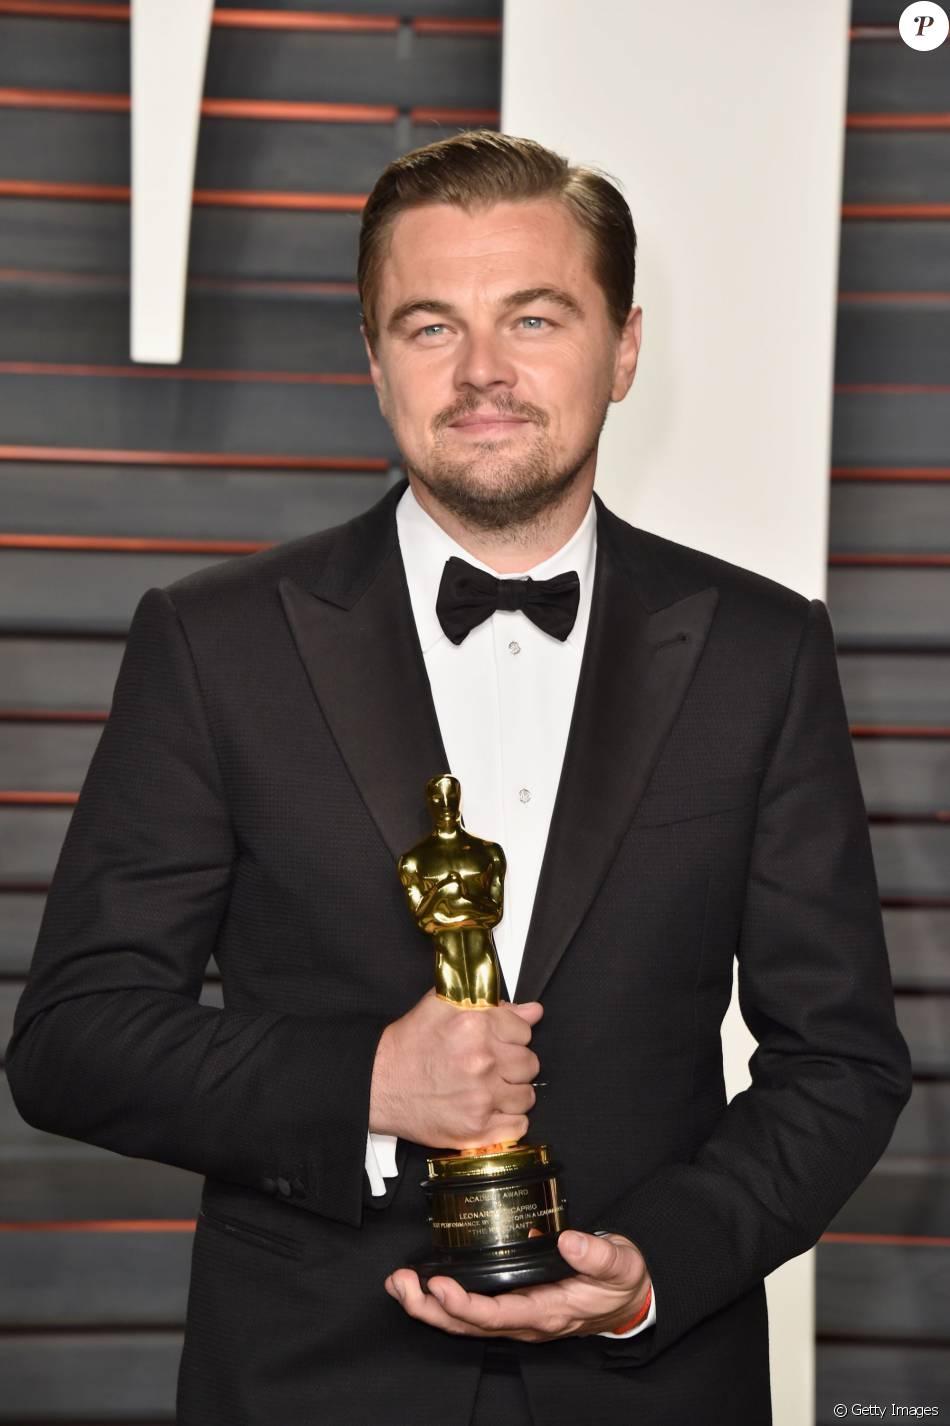 Leonardo DiCaprio doou cerca de R$ 3,6 milhões para preservação de arquipélago africano